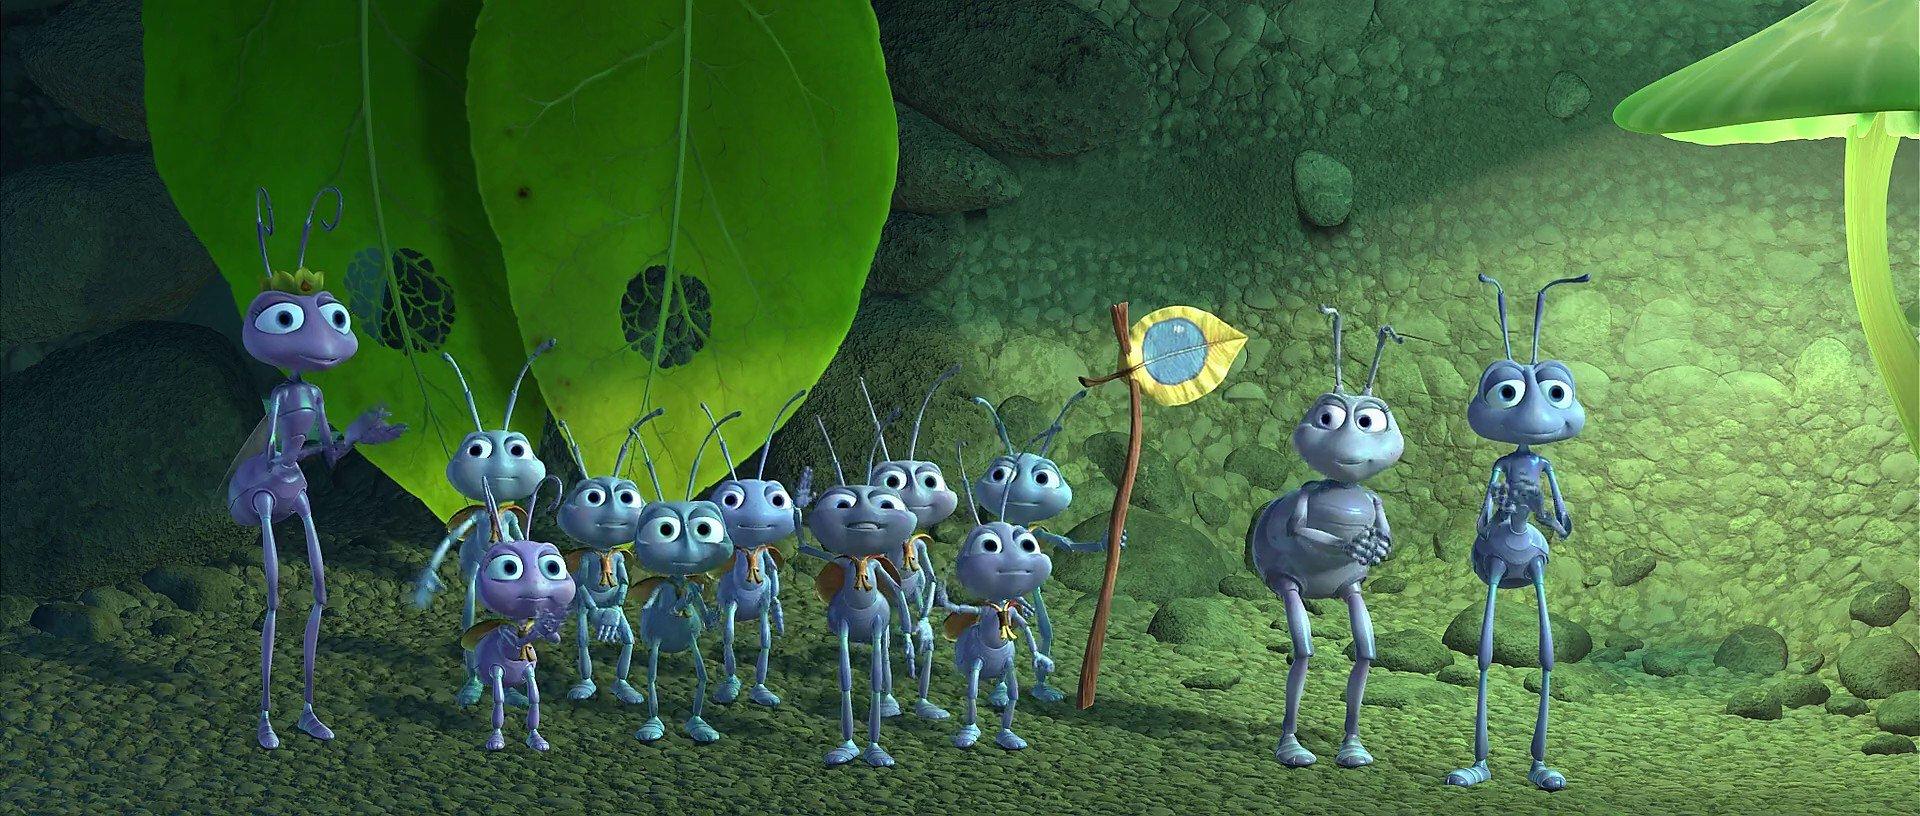 A Bug's Life: un'immagine del film Pixar